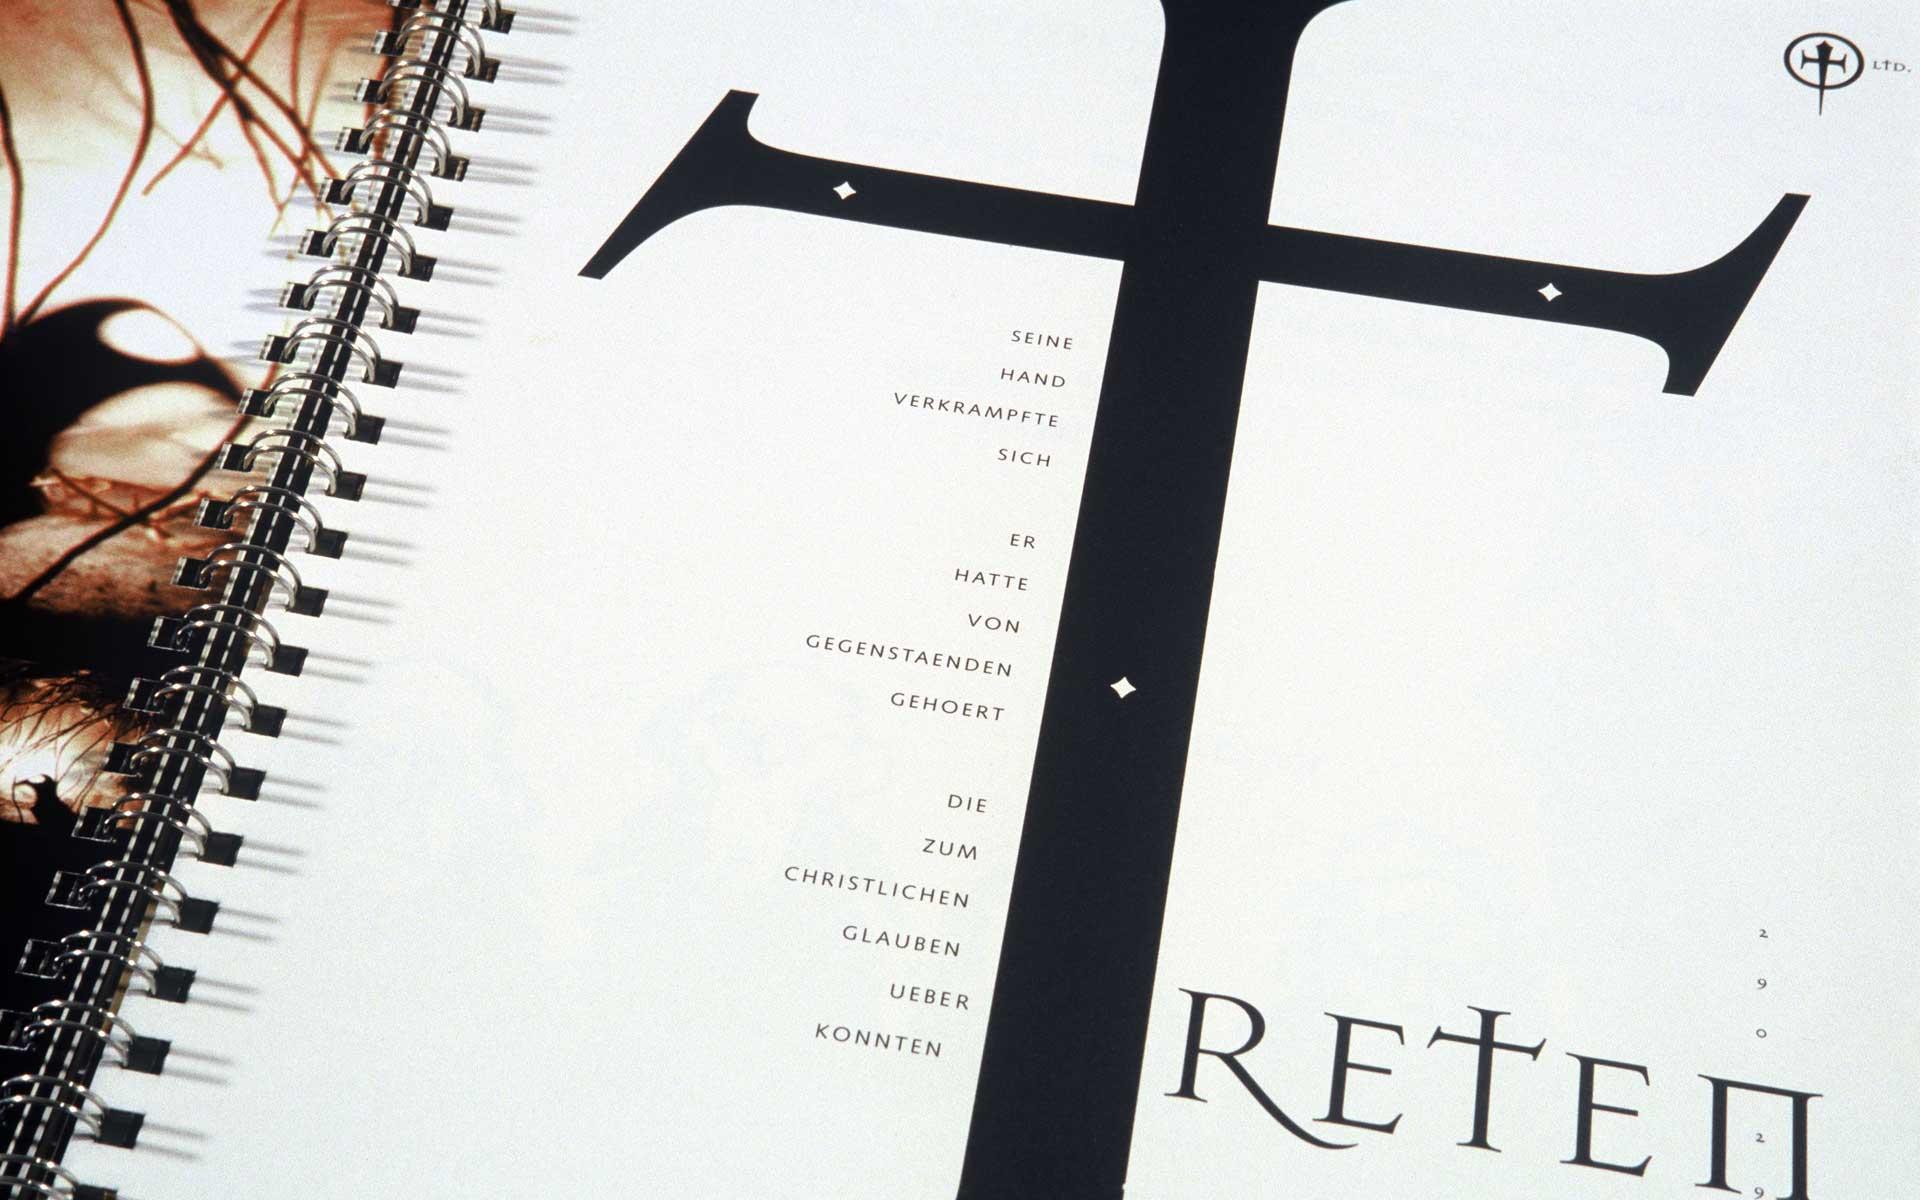 Designmagazin Ausdruck, typografische Gestaltunng einer Innenseite (Detail) mit den Fonts »Mason« (1992) von Jonathan Barnbrook und »Syntax« (1968) von Hans Eduard Meyer.